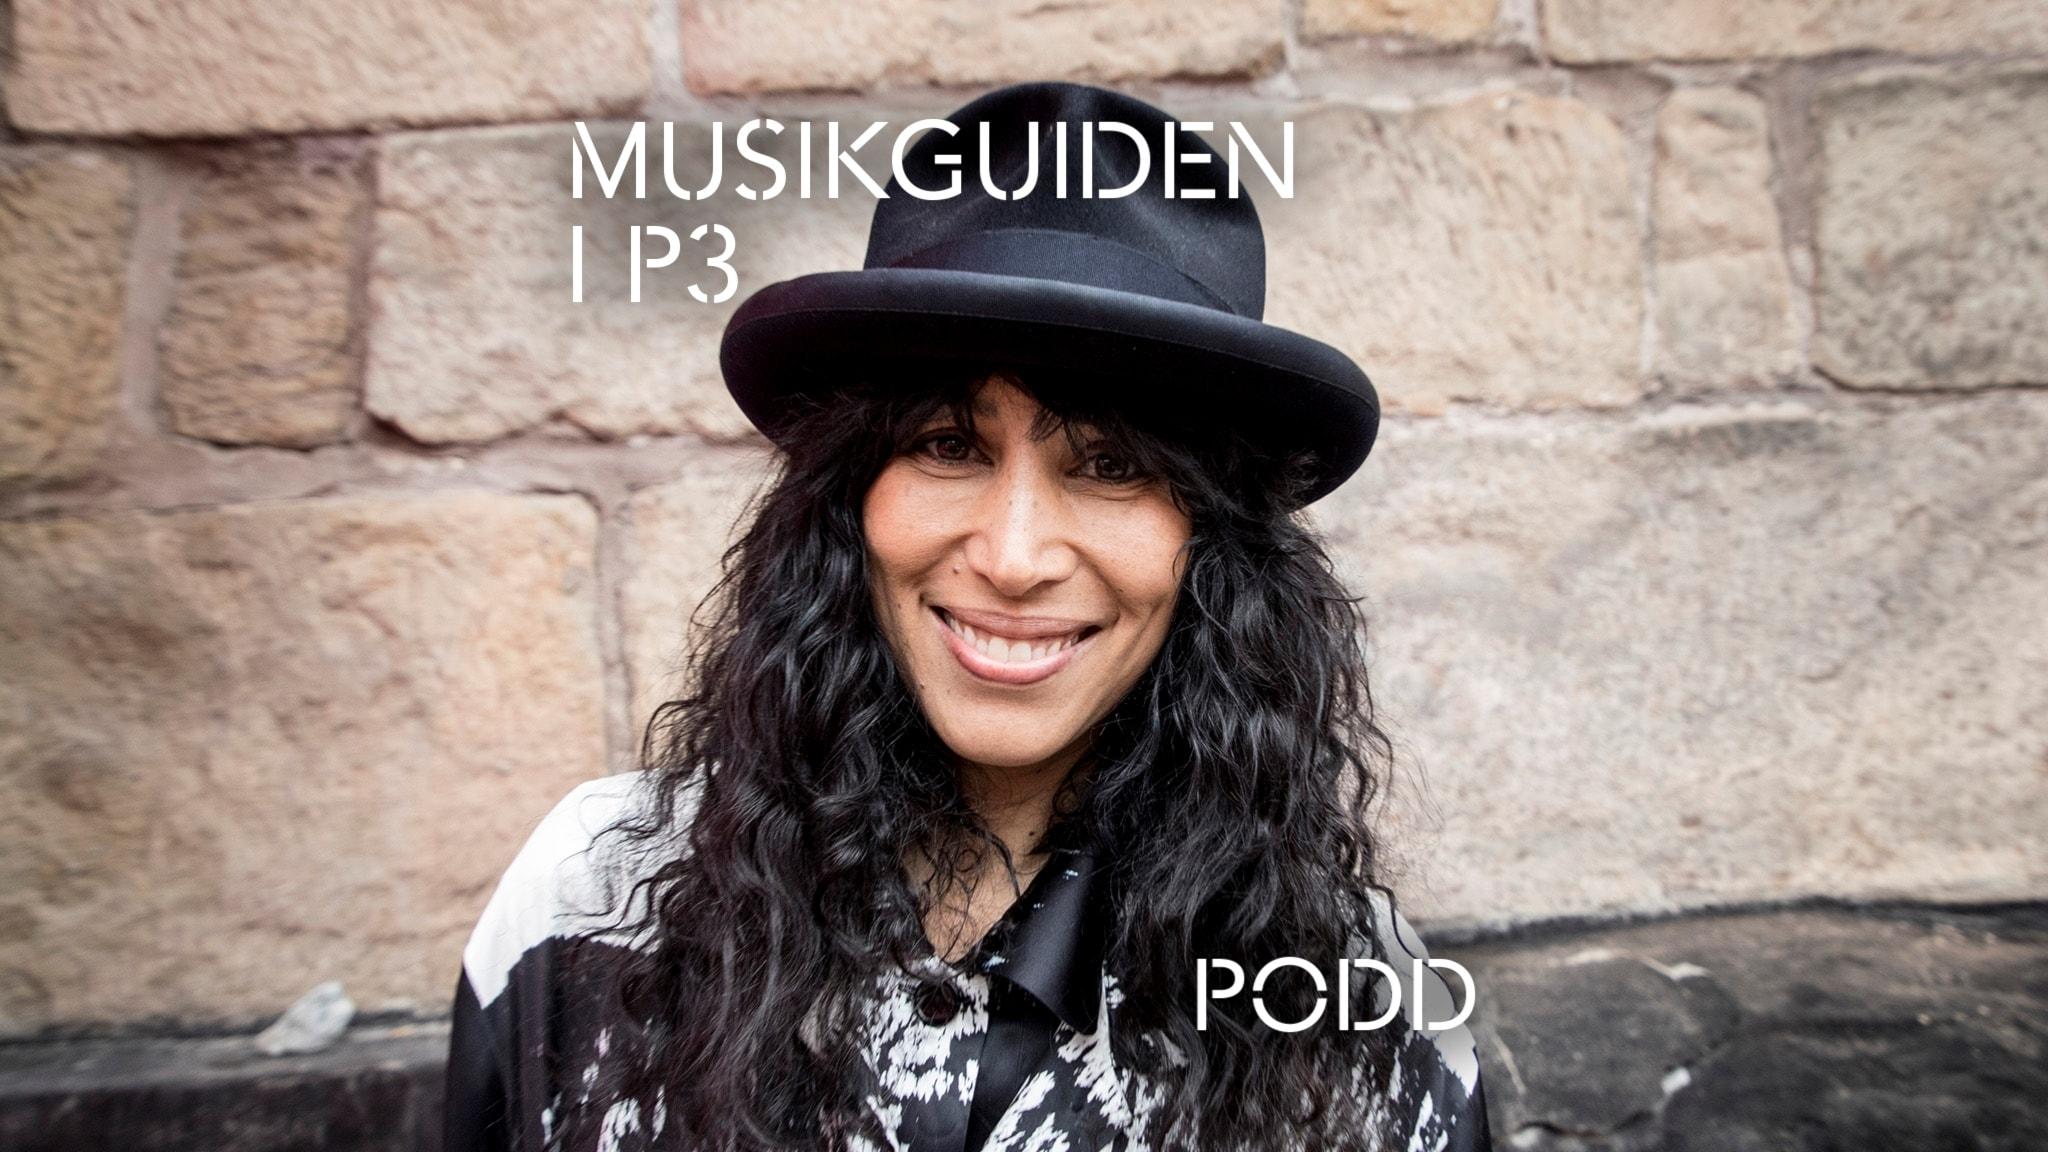 2. Vad är Swedish Music Hall of Fame för något?